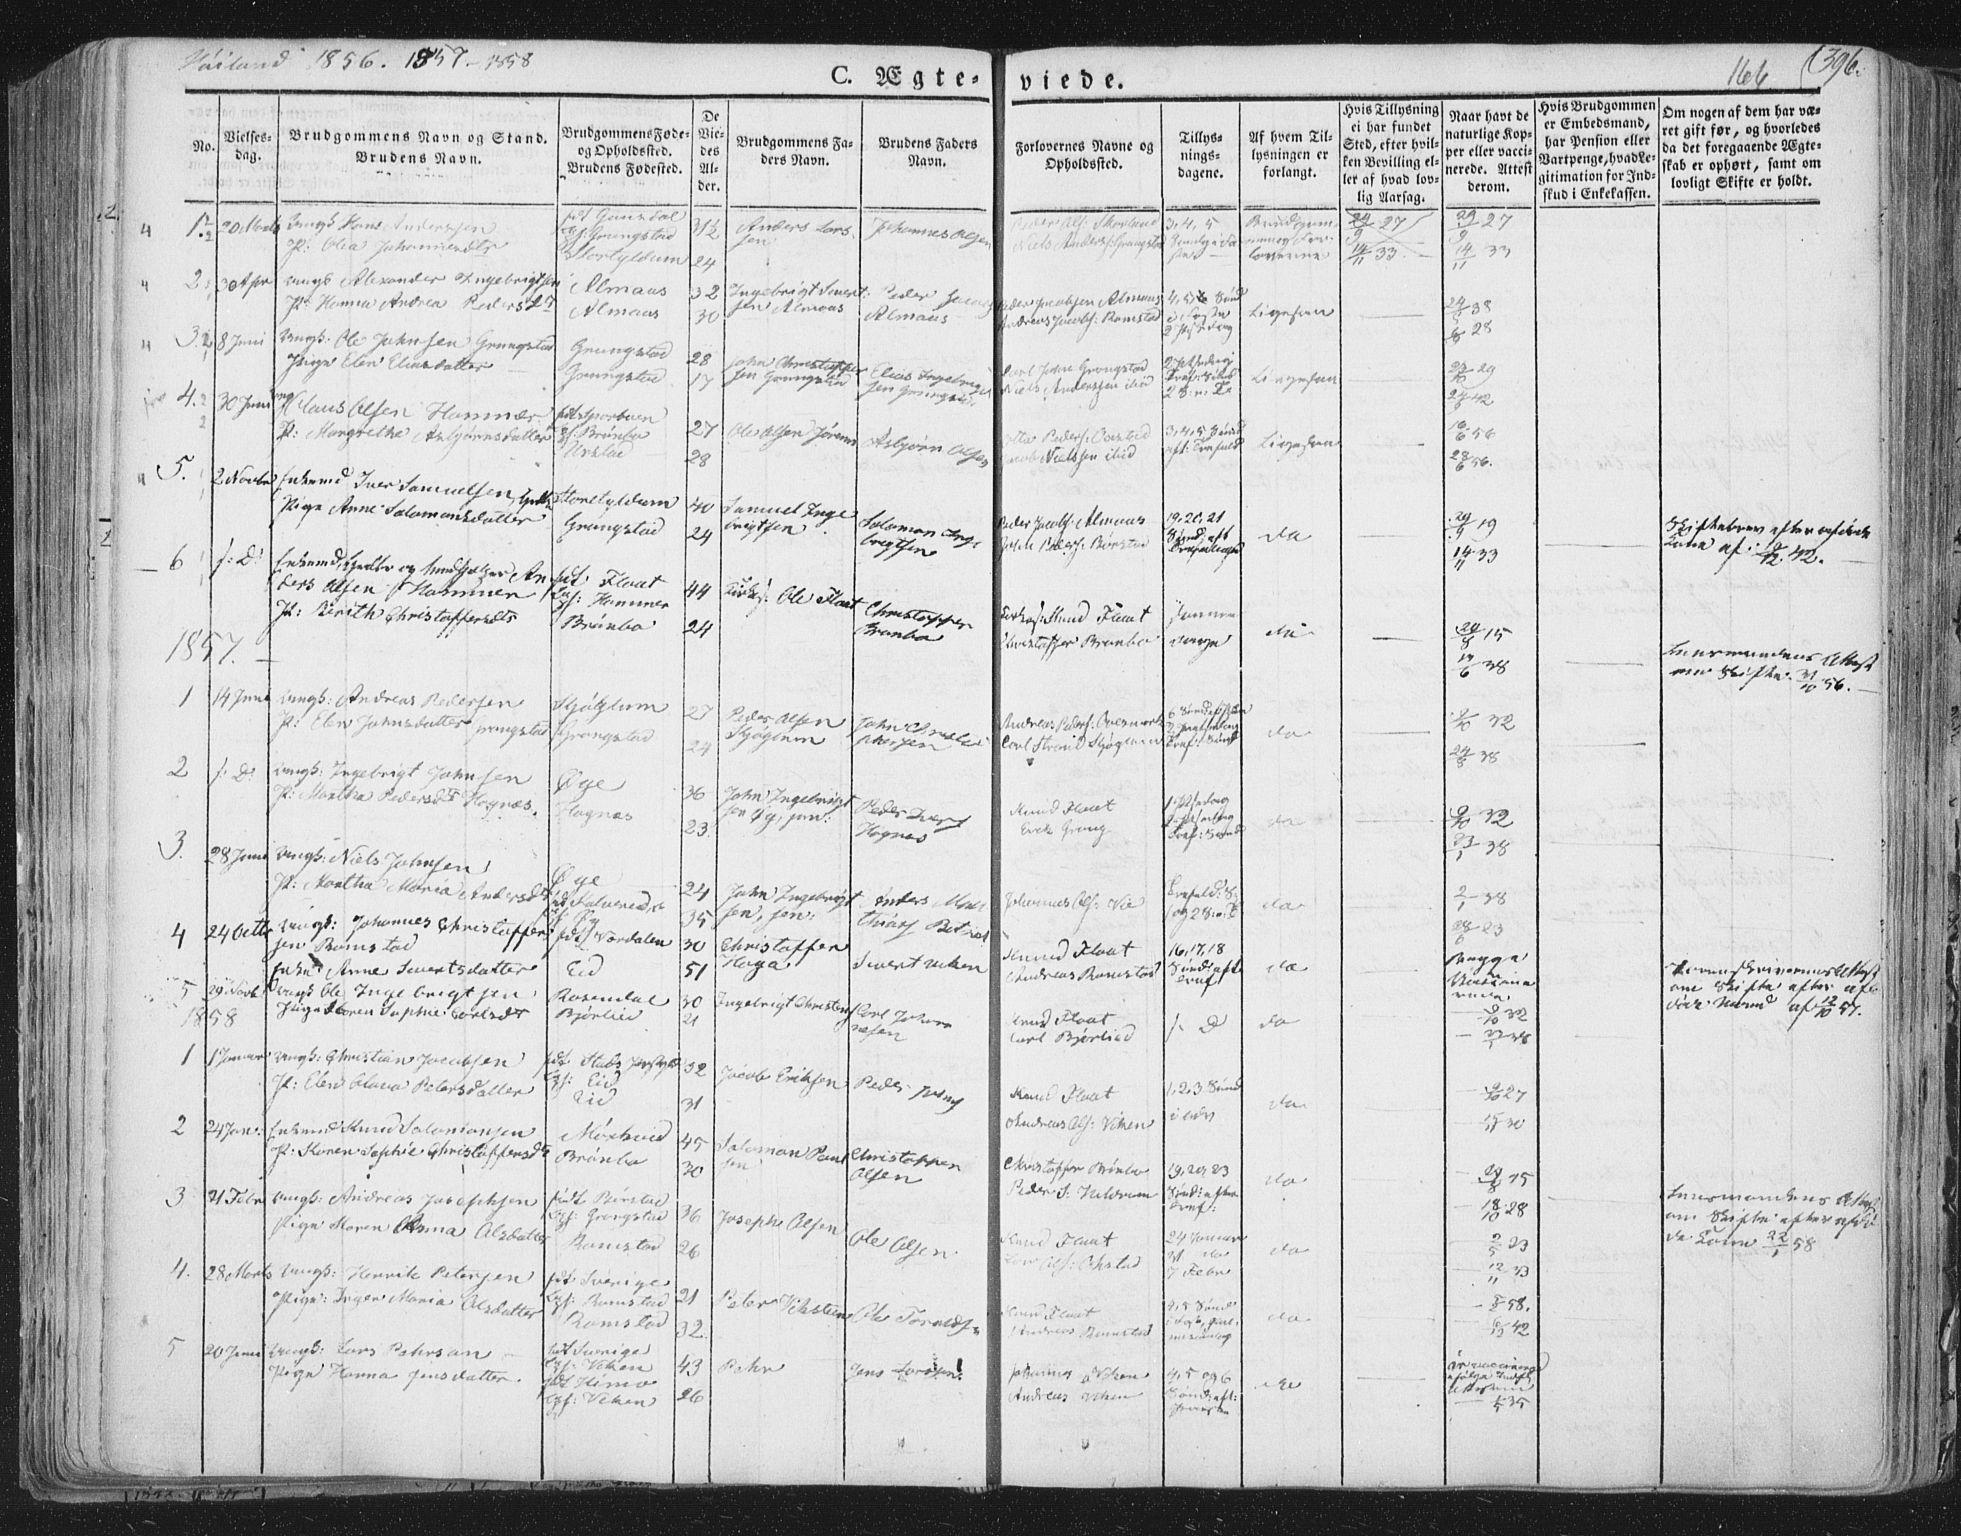 SAT, Ministerialprotokoller, klokkerbøker og fødselsregistre - Nord-Trøndelag, 758/L0513: Ministerialbok nr. 758A02 /2, 1839-1868, s. 166